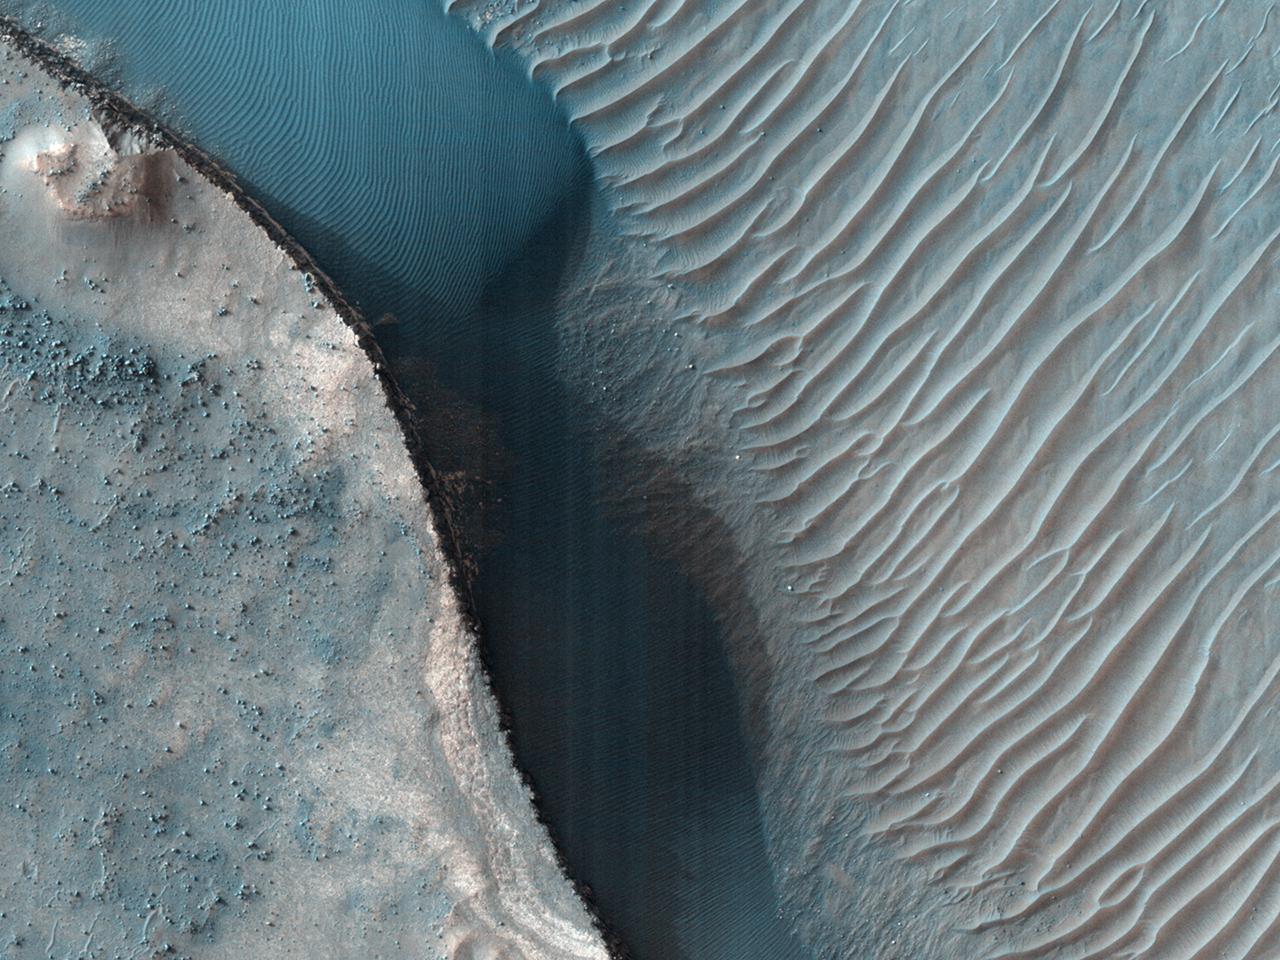 Lichtgekleurde afzettingslagen op een kraterbodem in de zuidelijke middenbreedtegraden